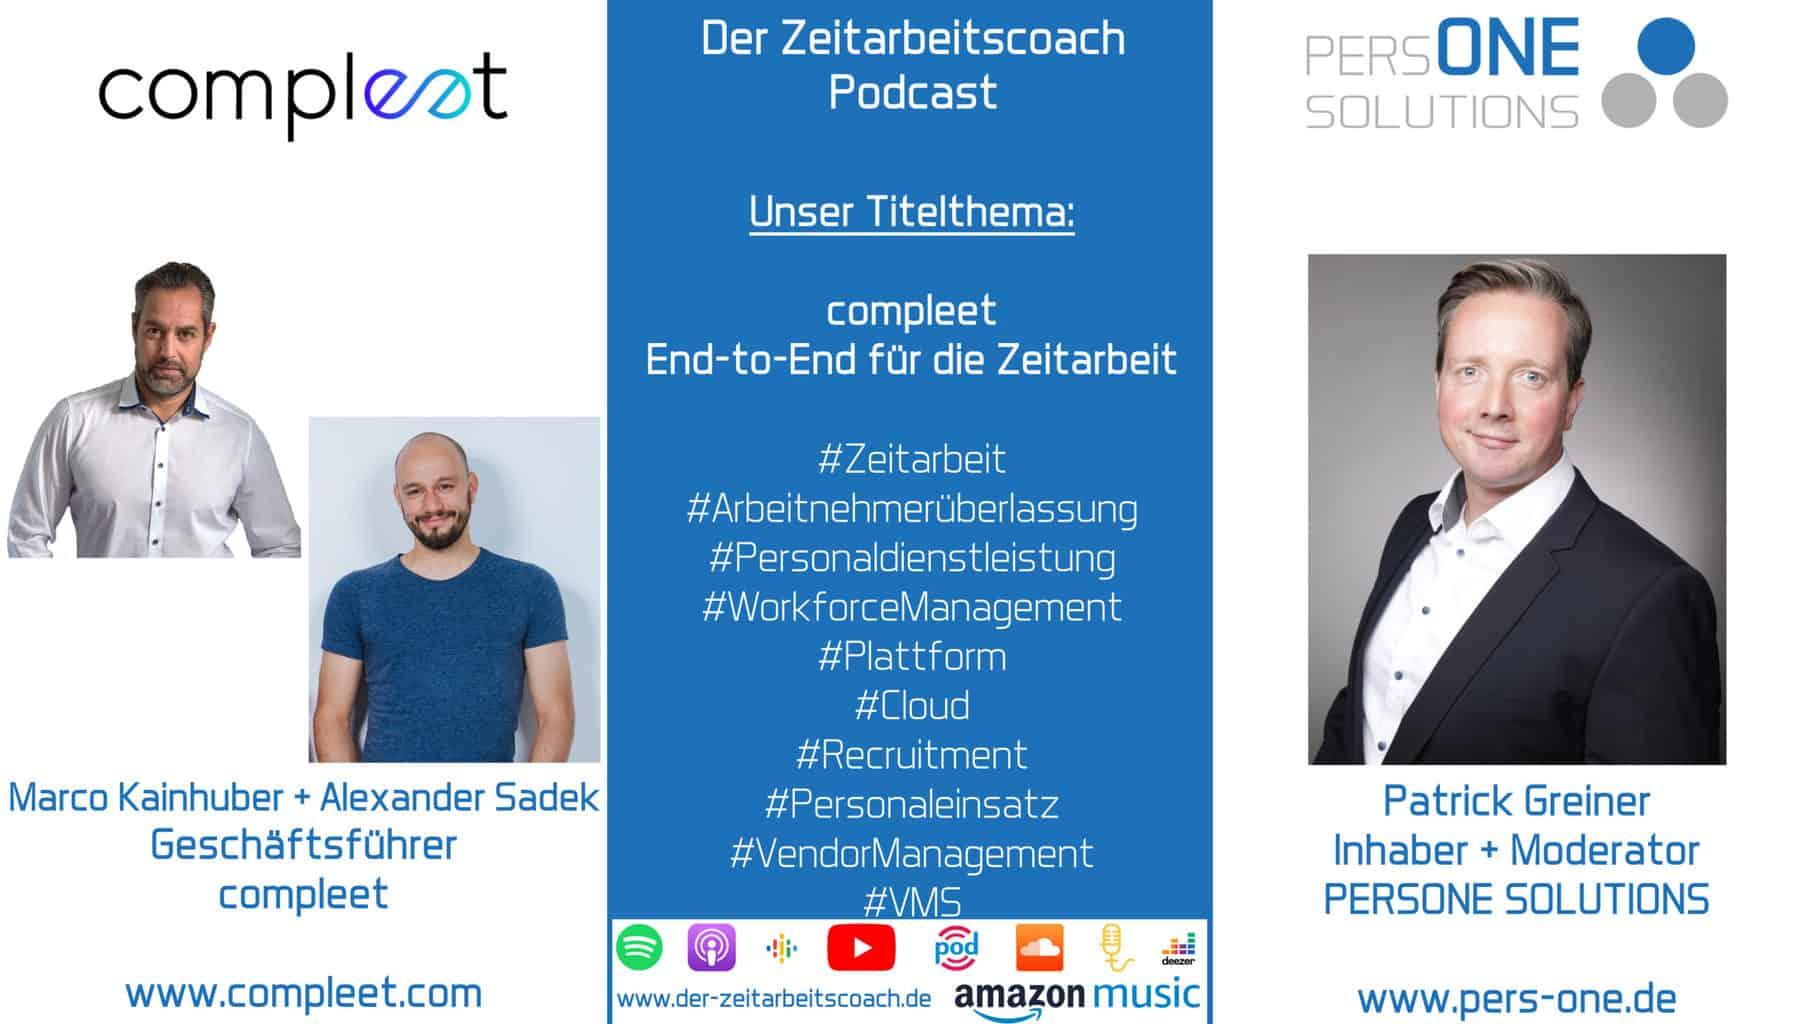 compleet_Podcast SM Grafik_Zeitarbeitscoach Podcast